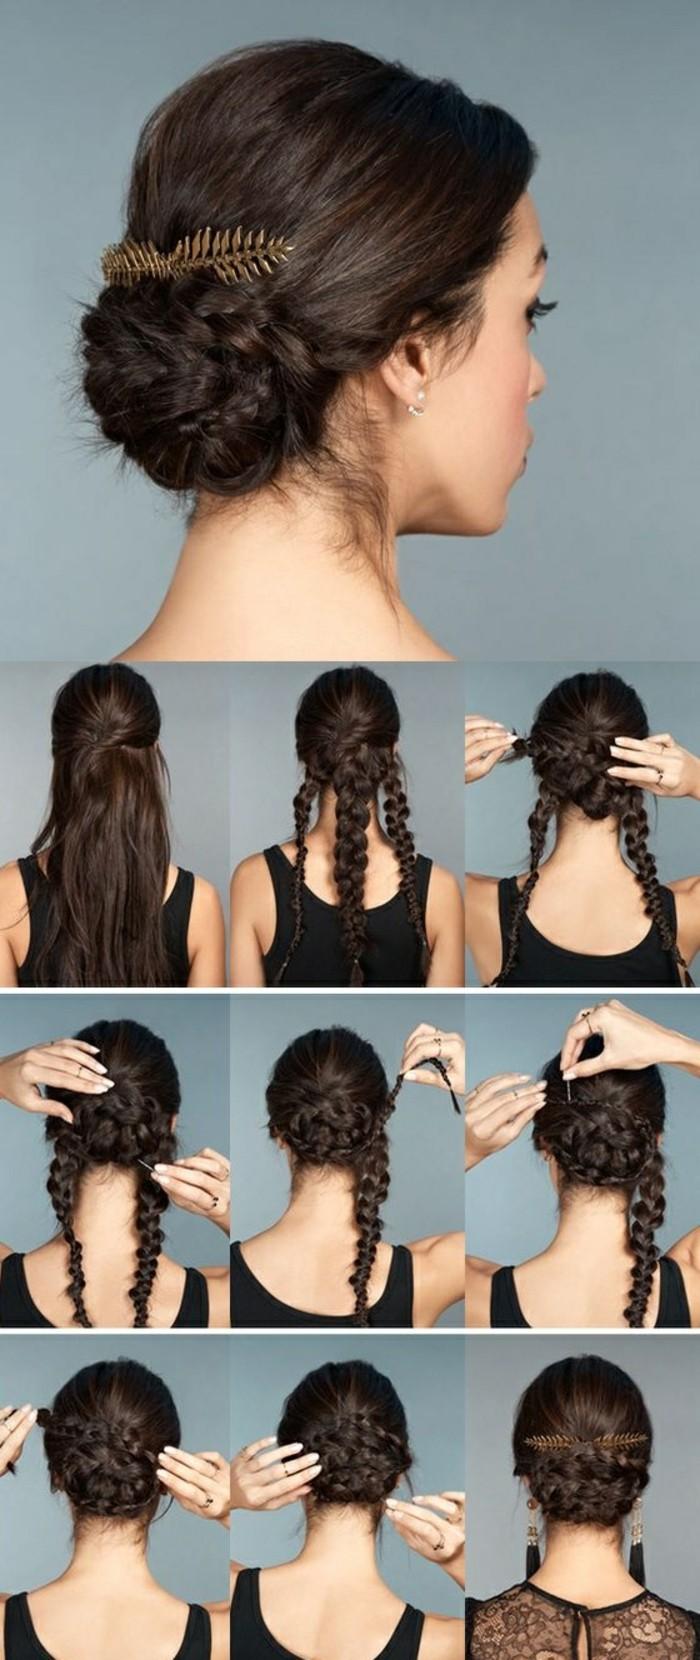 3-hochsteckfrisuren-anleitung-dunkelbraune-lange-haare-kopfschmuck-schwarze-bluse-frau-zöpfe